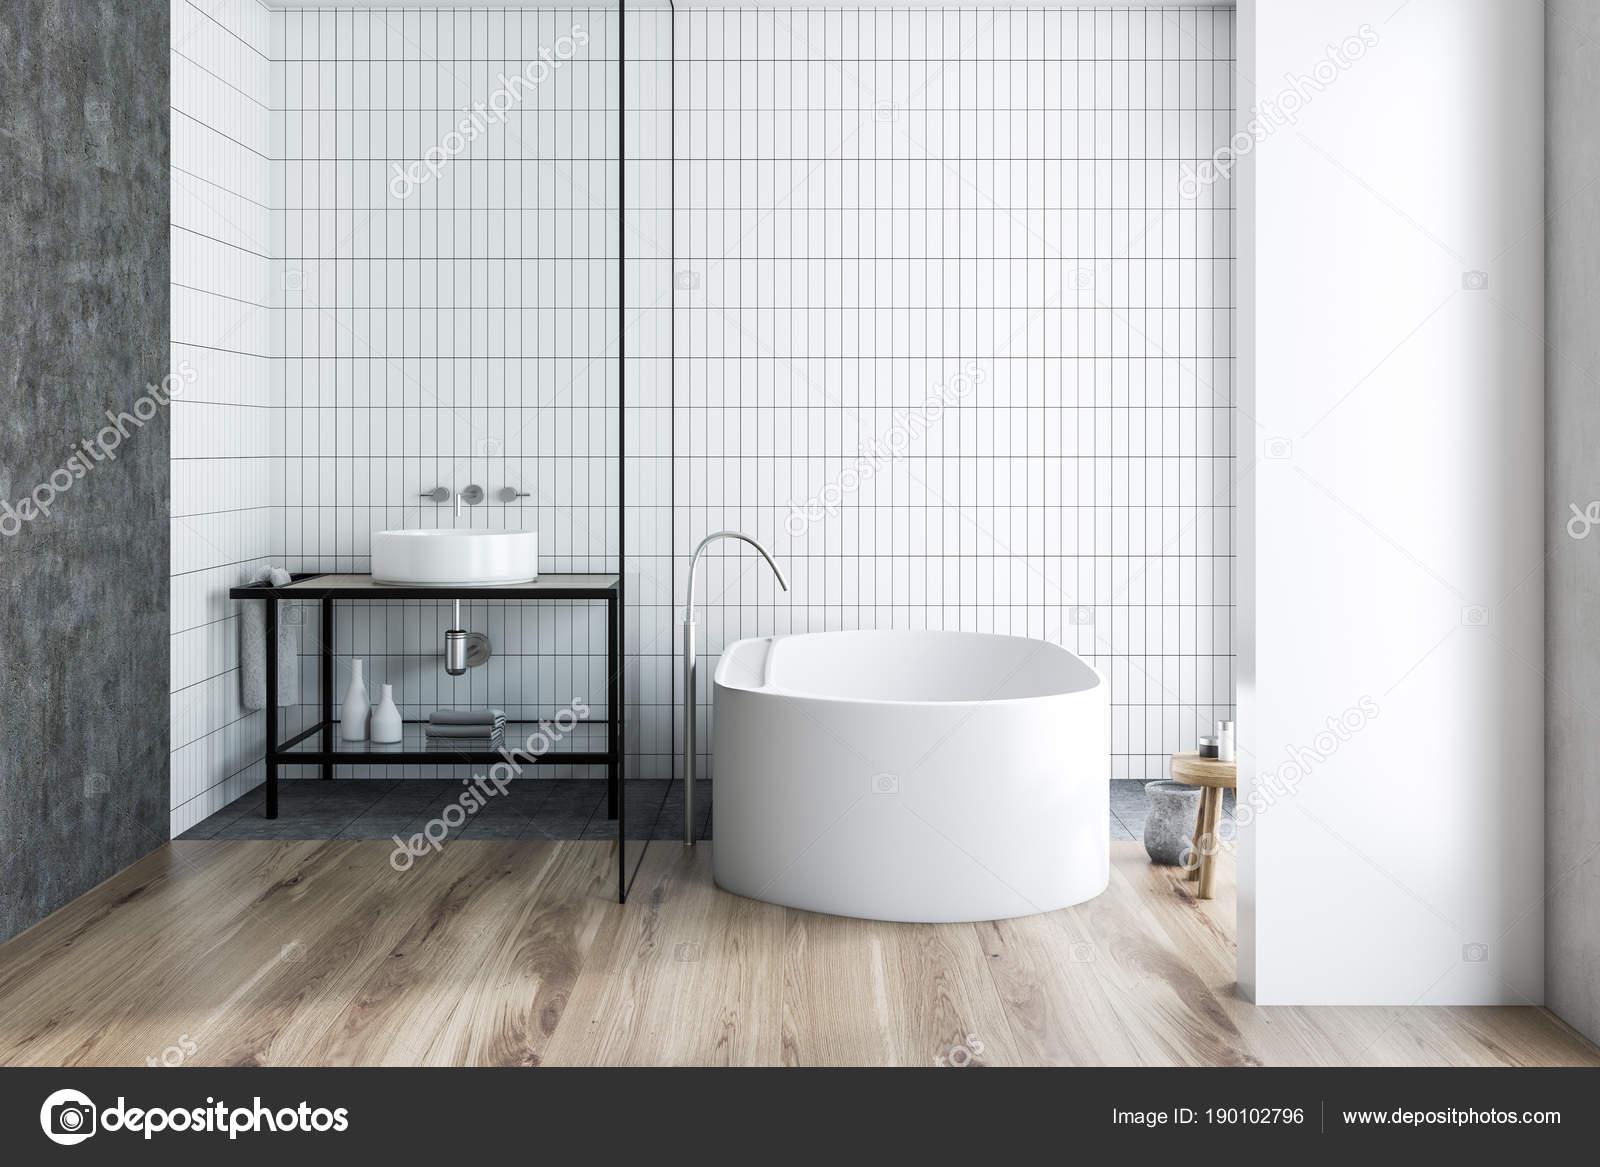 Witte Tegels Badkamer : Badkamer interieur witte tegels u stockfoto denisismagilov